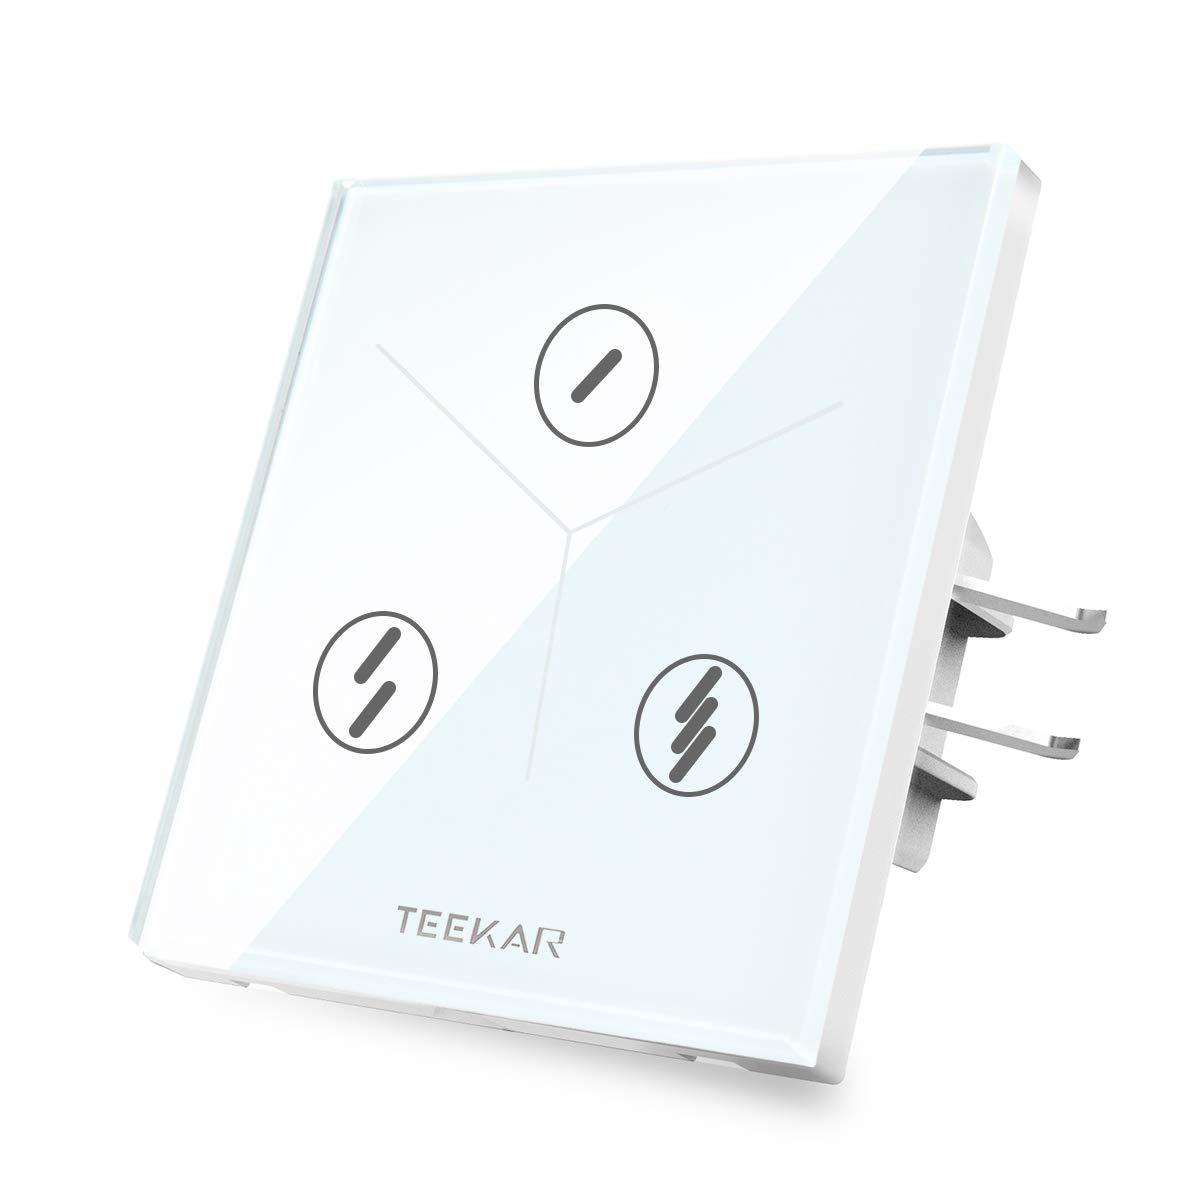 TEEKAR Touch Lichtschalter 1 Gang Alexa WLAN WiFi Smart Intelligente Schalter Kompatibel Mit Google Home//IFTTT,Drahtlose Fernbedienung,Timing-Funktion